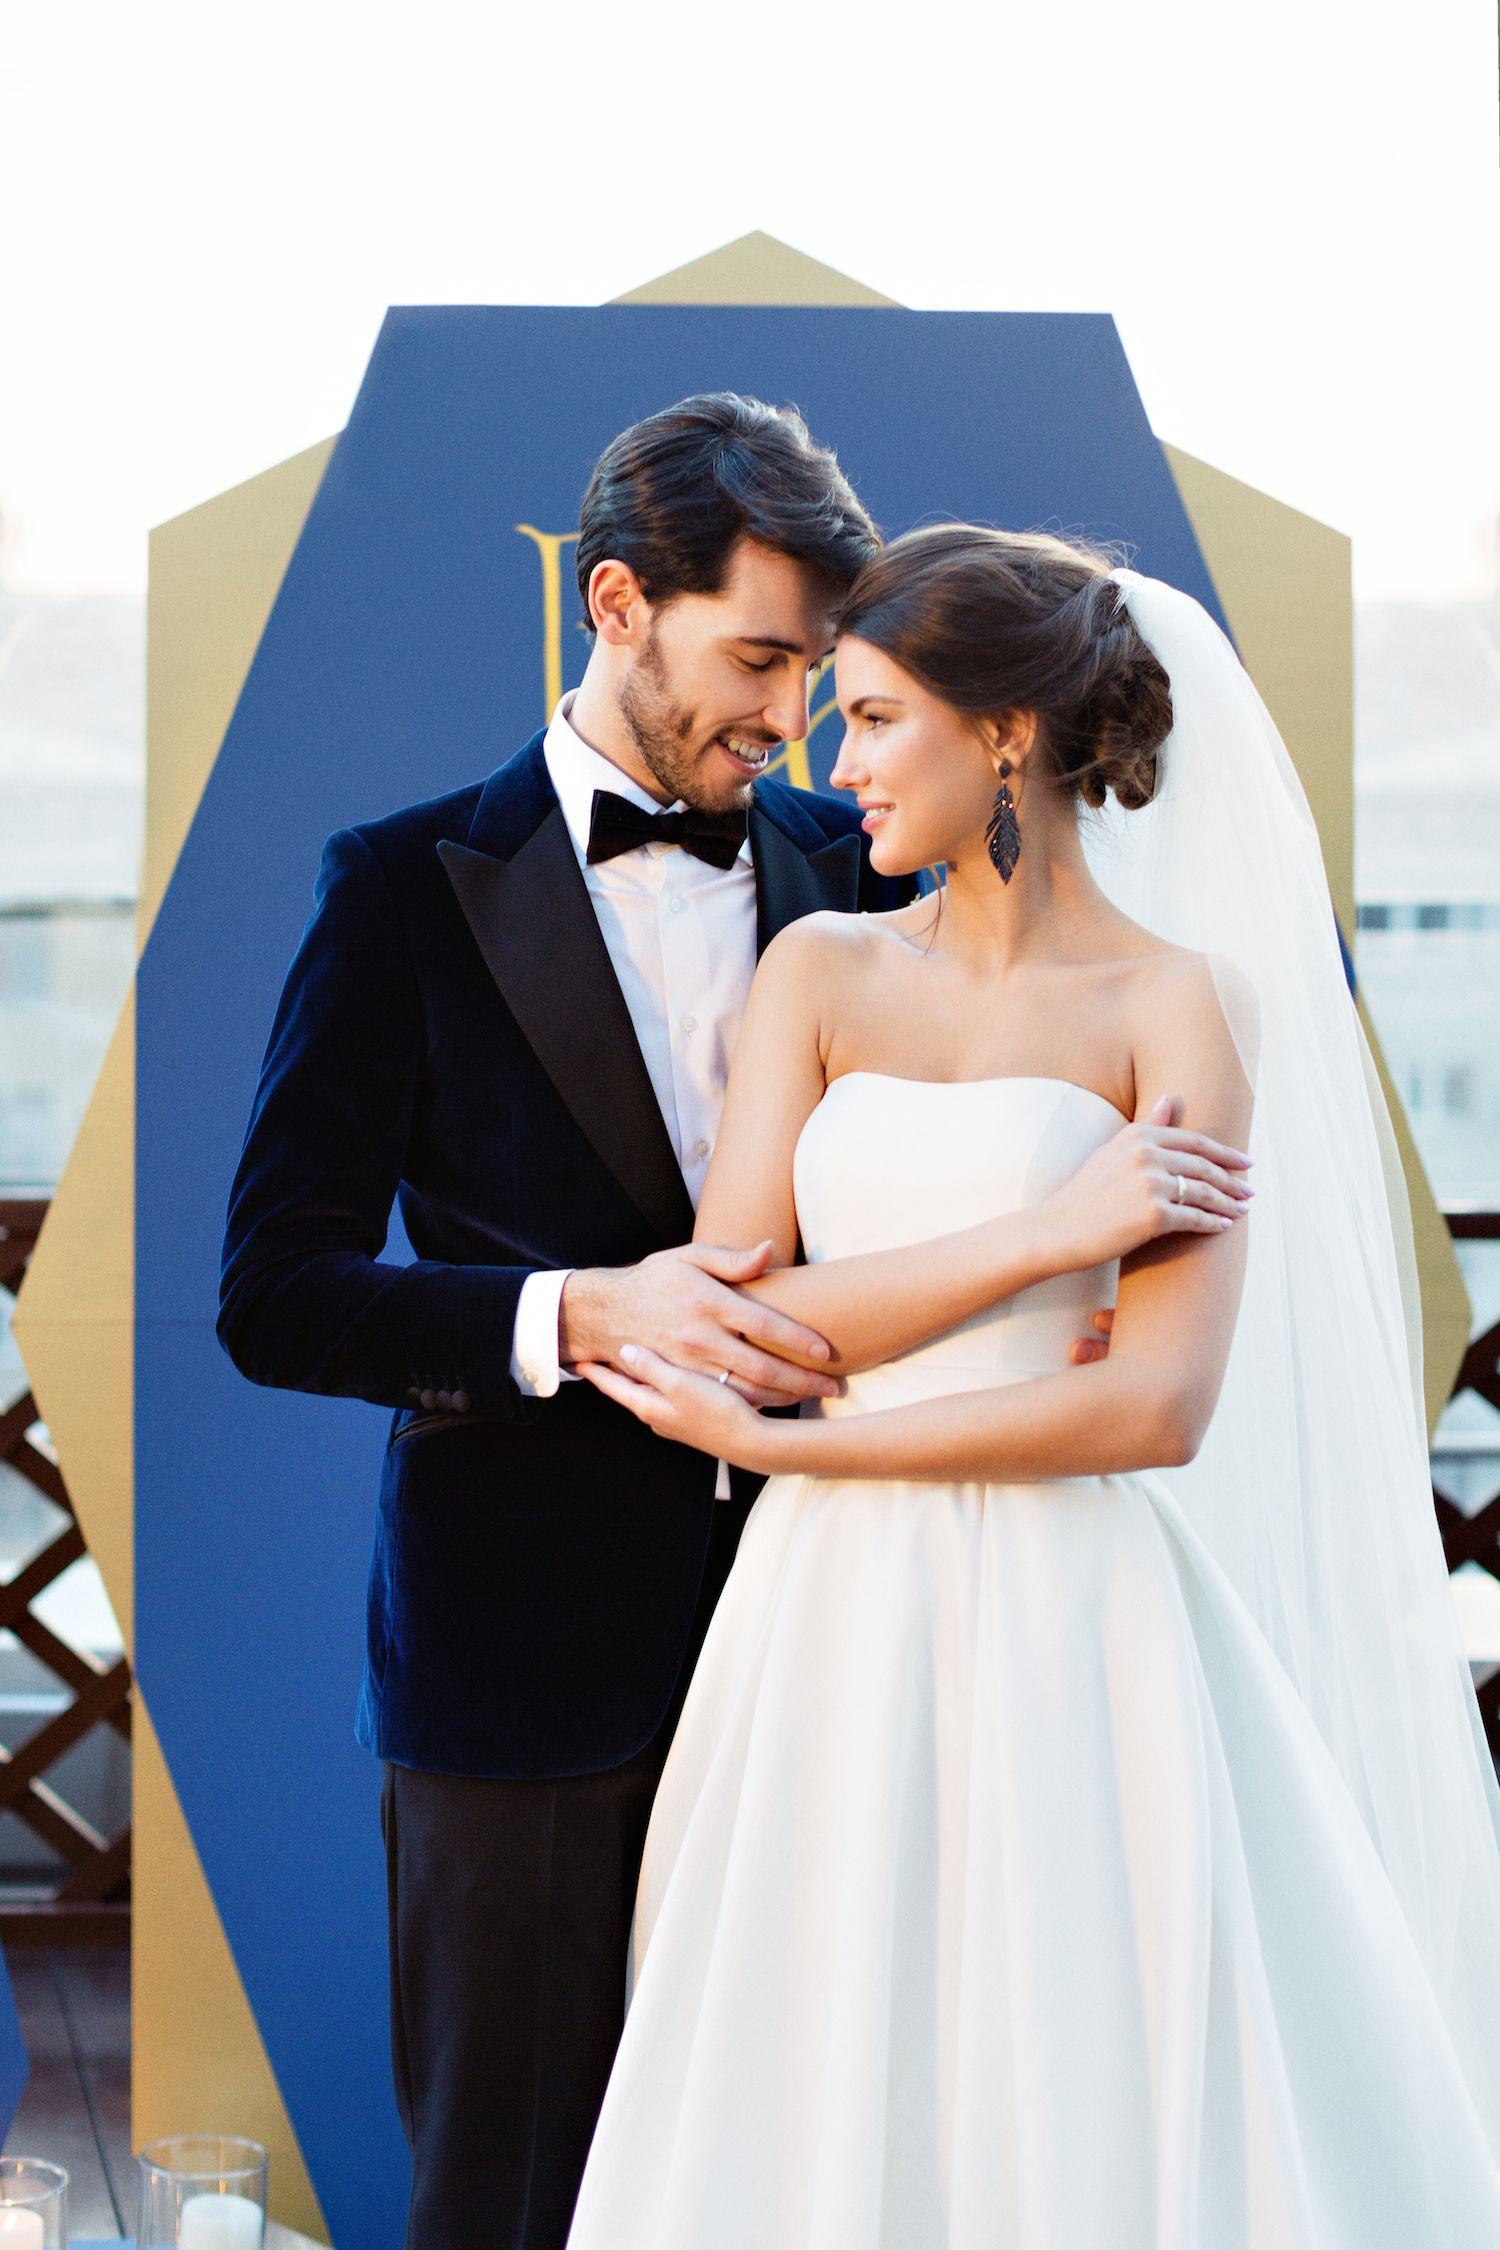 Счастливая пара в лучший день жизни #пара #жених #невеста ...